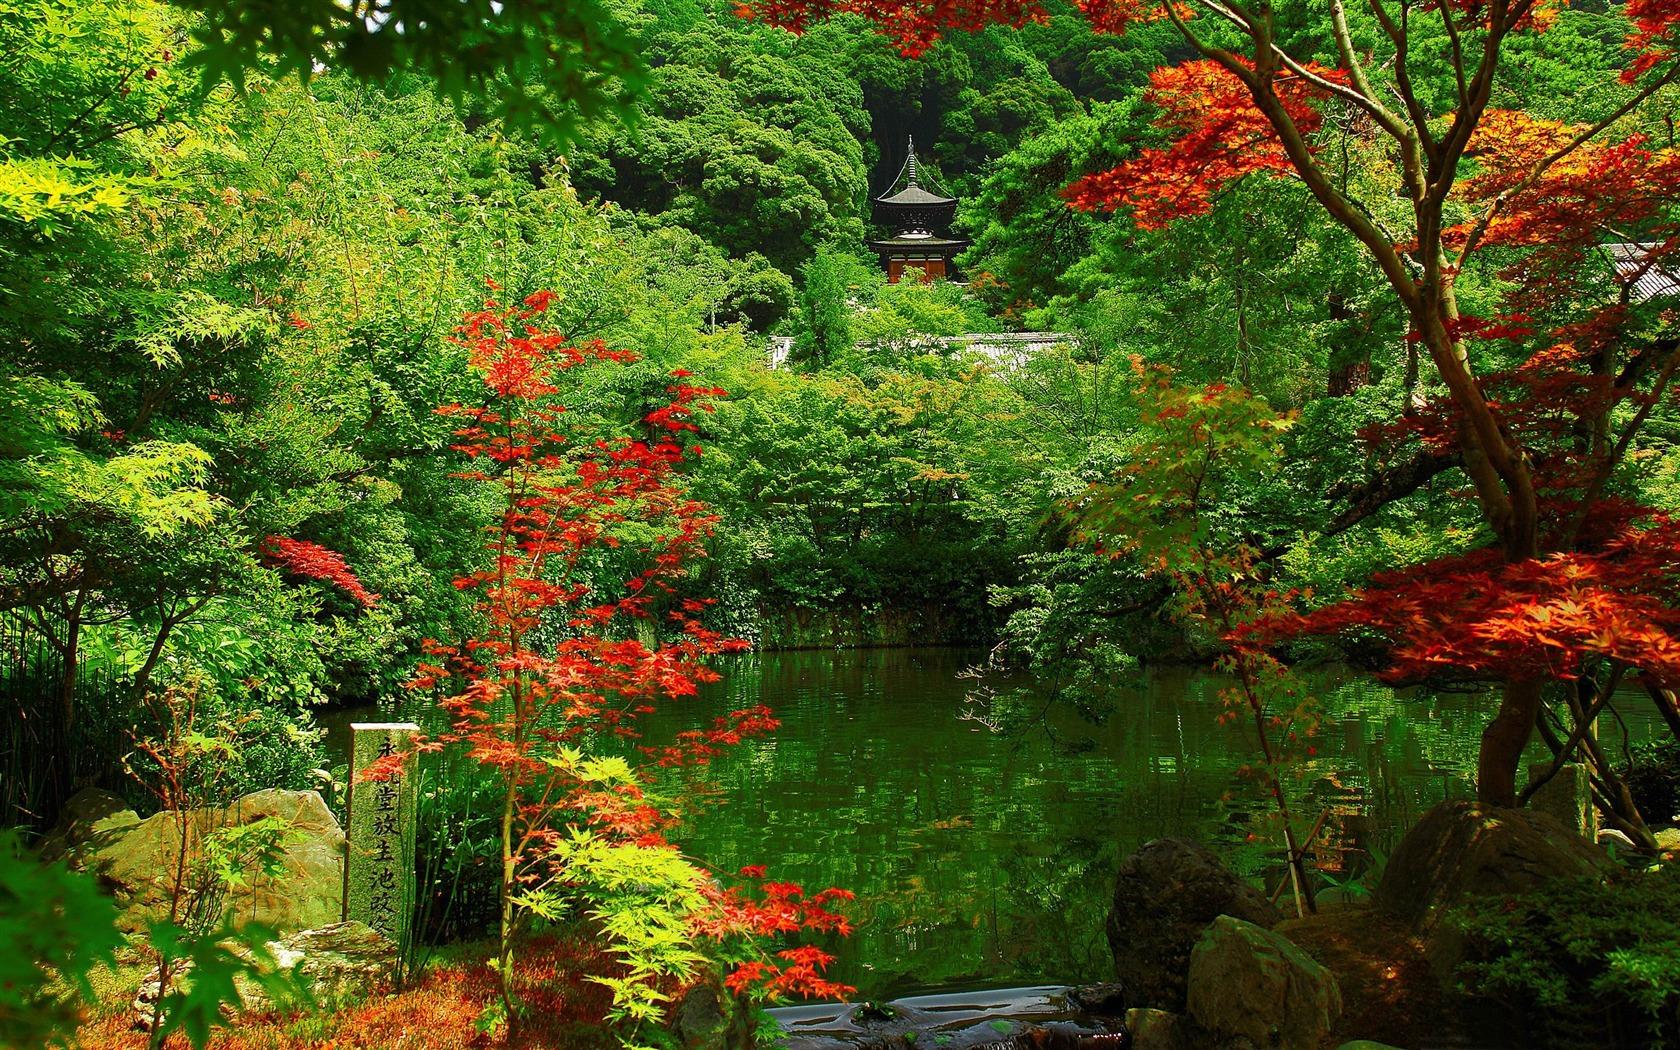 Beautiful garden wallpaper - 1680x1050 10wallpaper Com